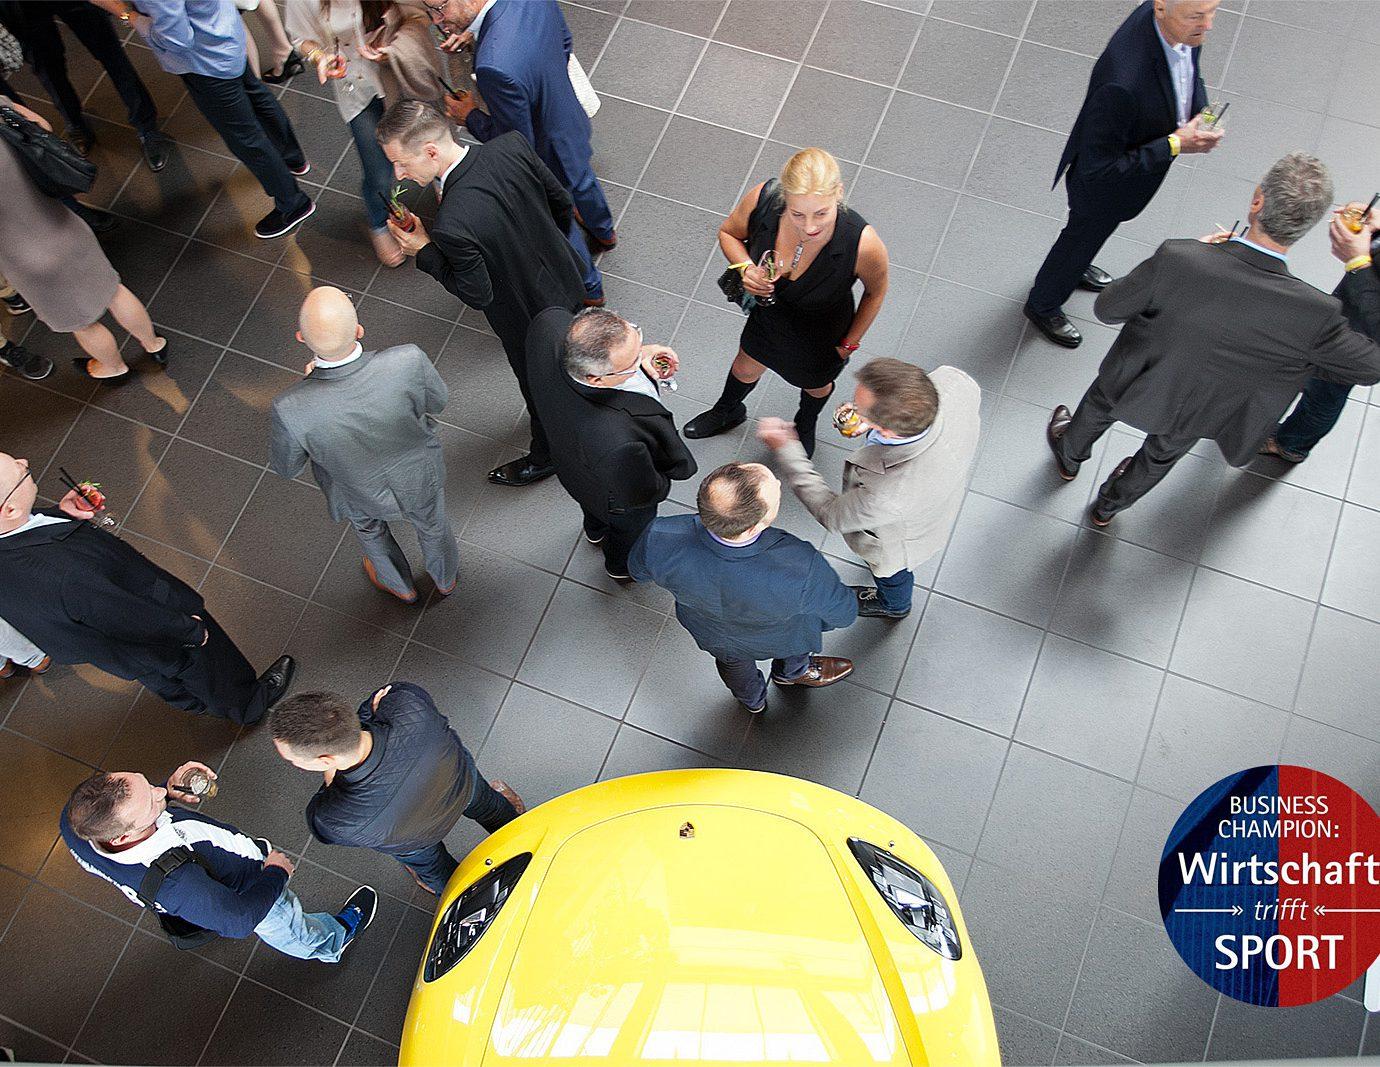 BusinessChampion_Porsche_Werk_Leipzig_Fotodokumentation_2016_Herrvonundzu_11